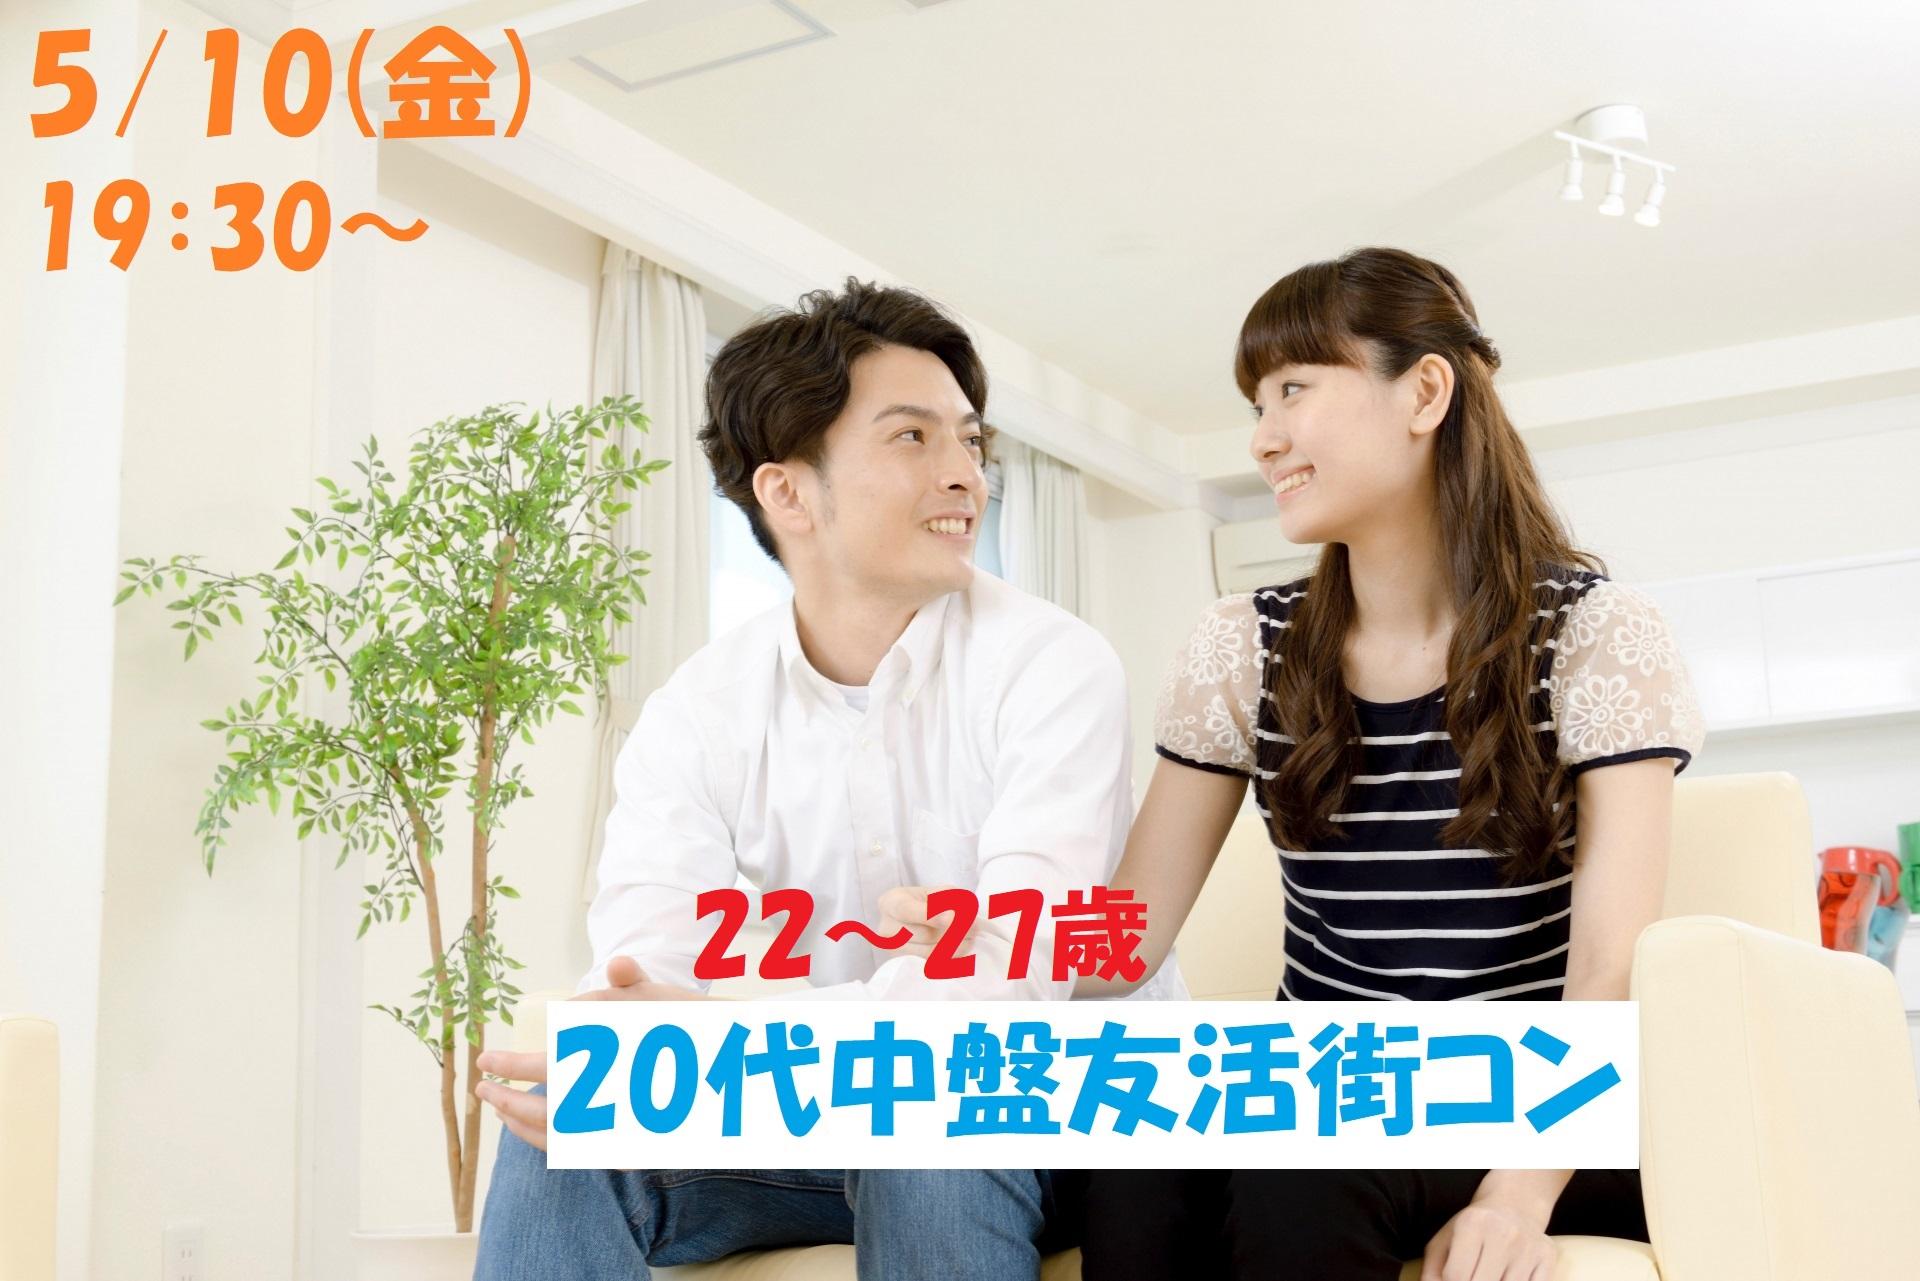 【終了】5月10日(金)19時30分~【22~27歳】まずは友達から!20代中盤友活街コン!